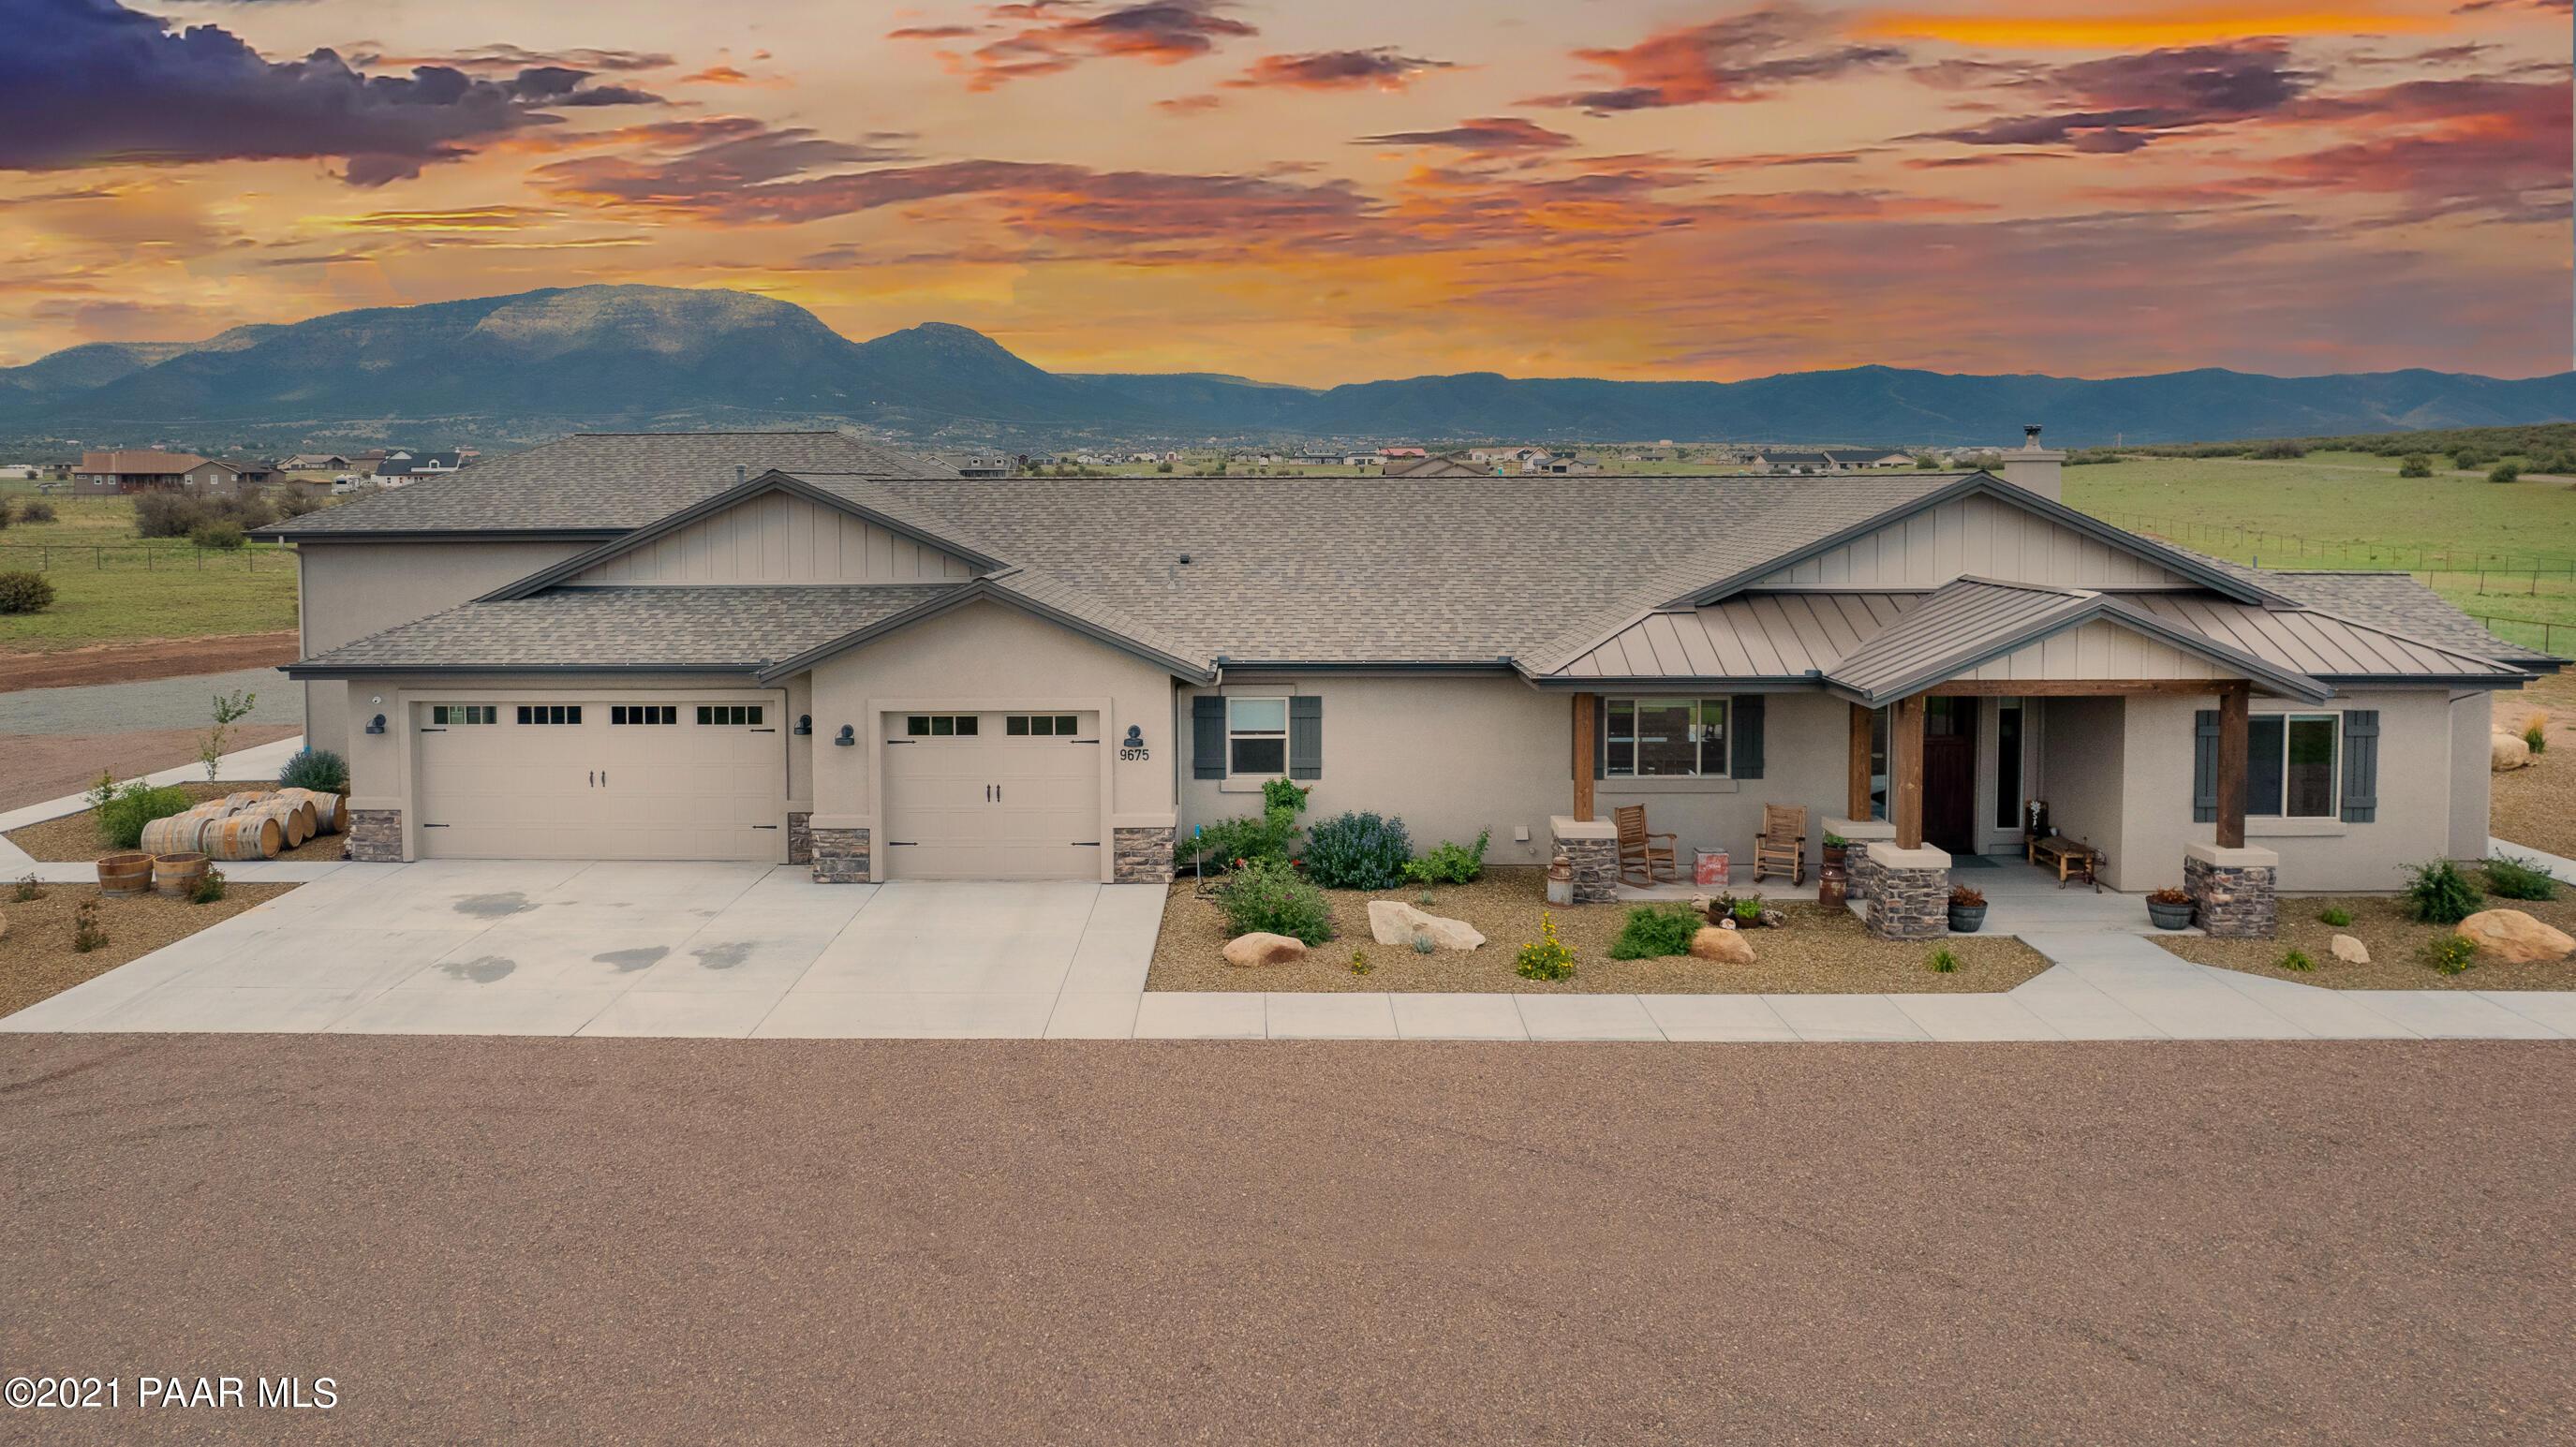 Photo of 9675 Prescott Ridge, Prescott Valley, AZ 86315